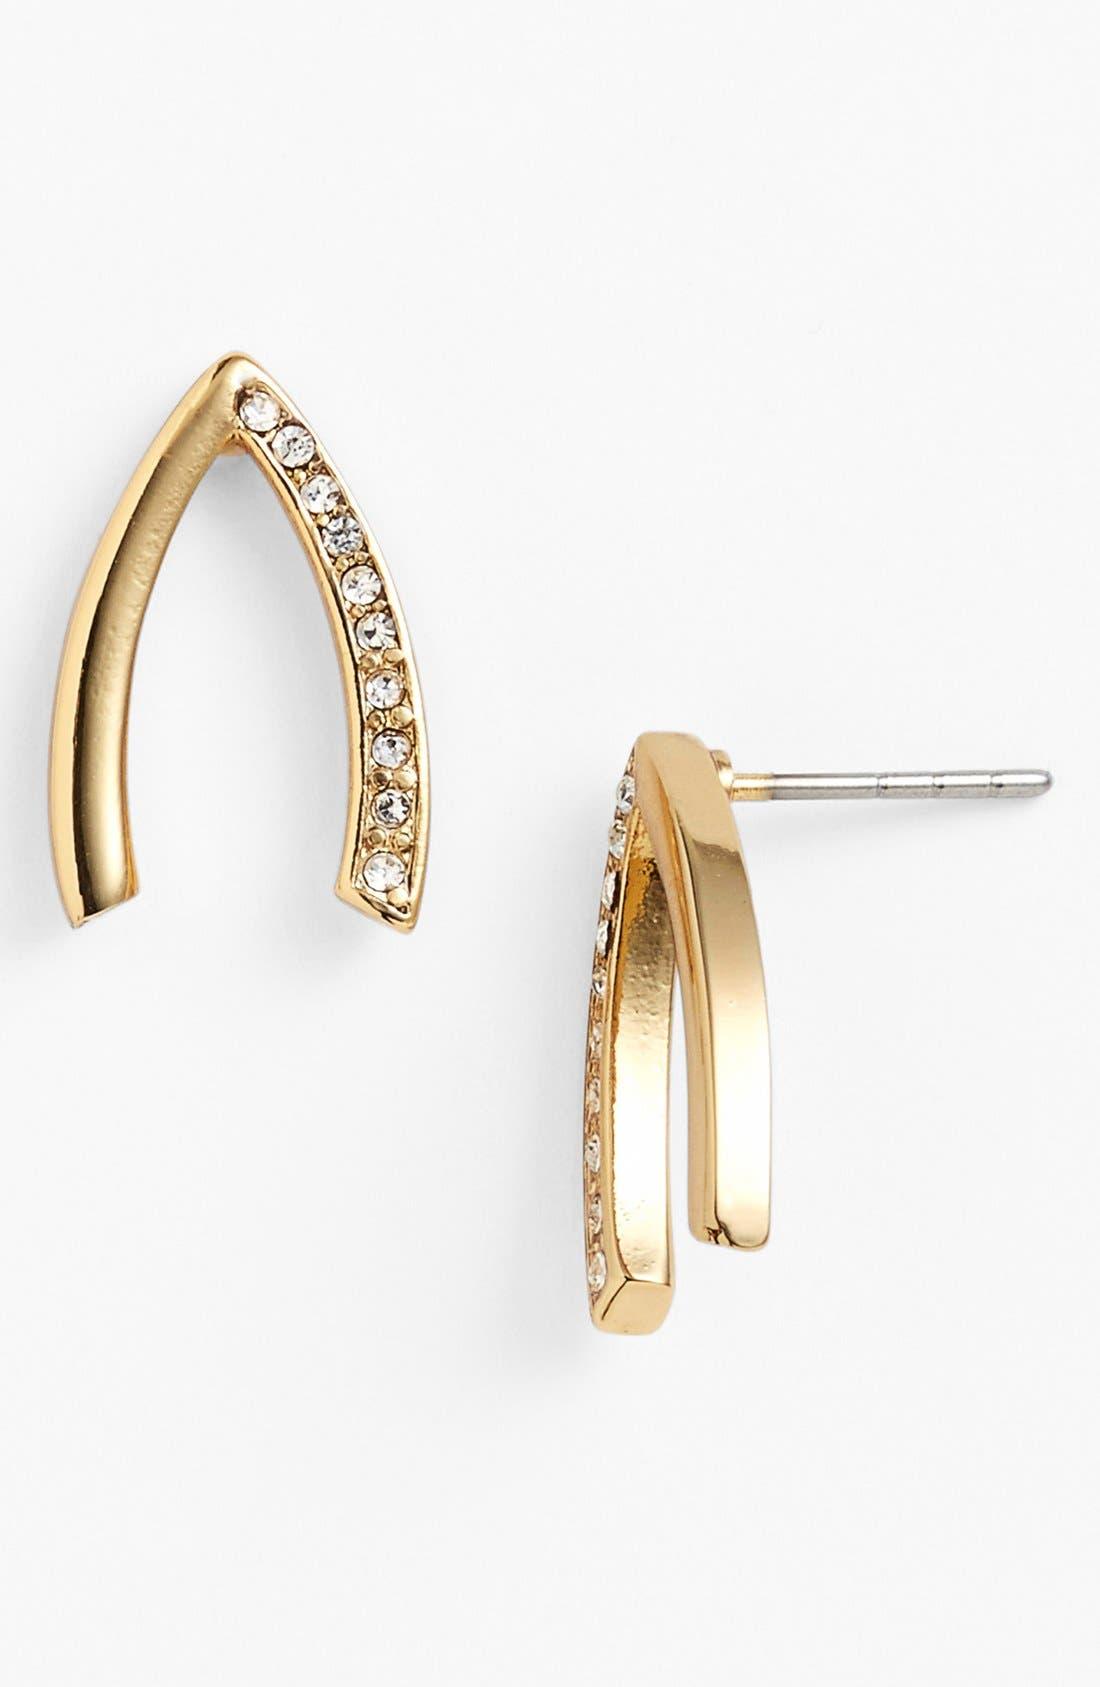 Main Image - Rebecca Minkoff 'Jewel Box' Wishbone Stud Earrings